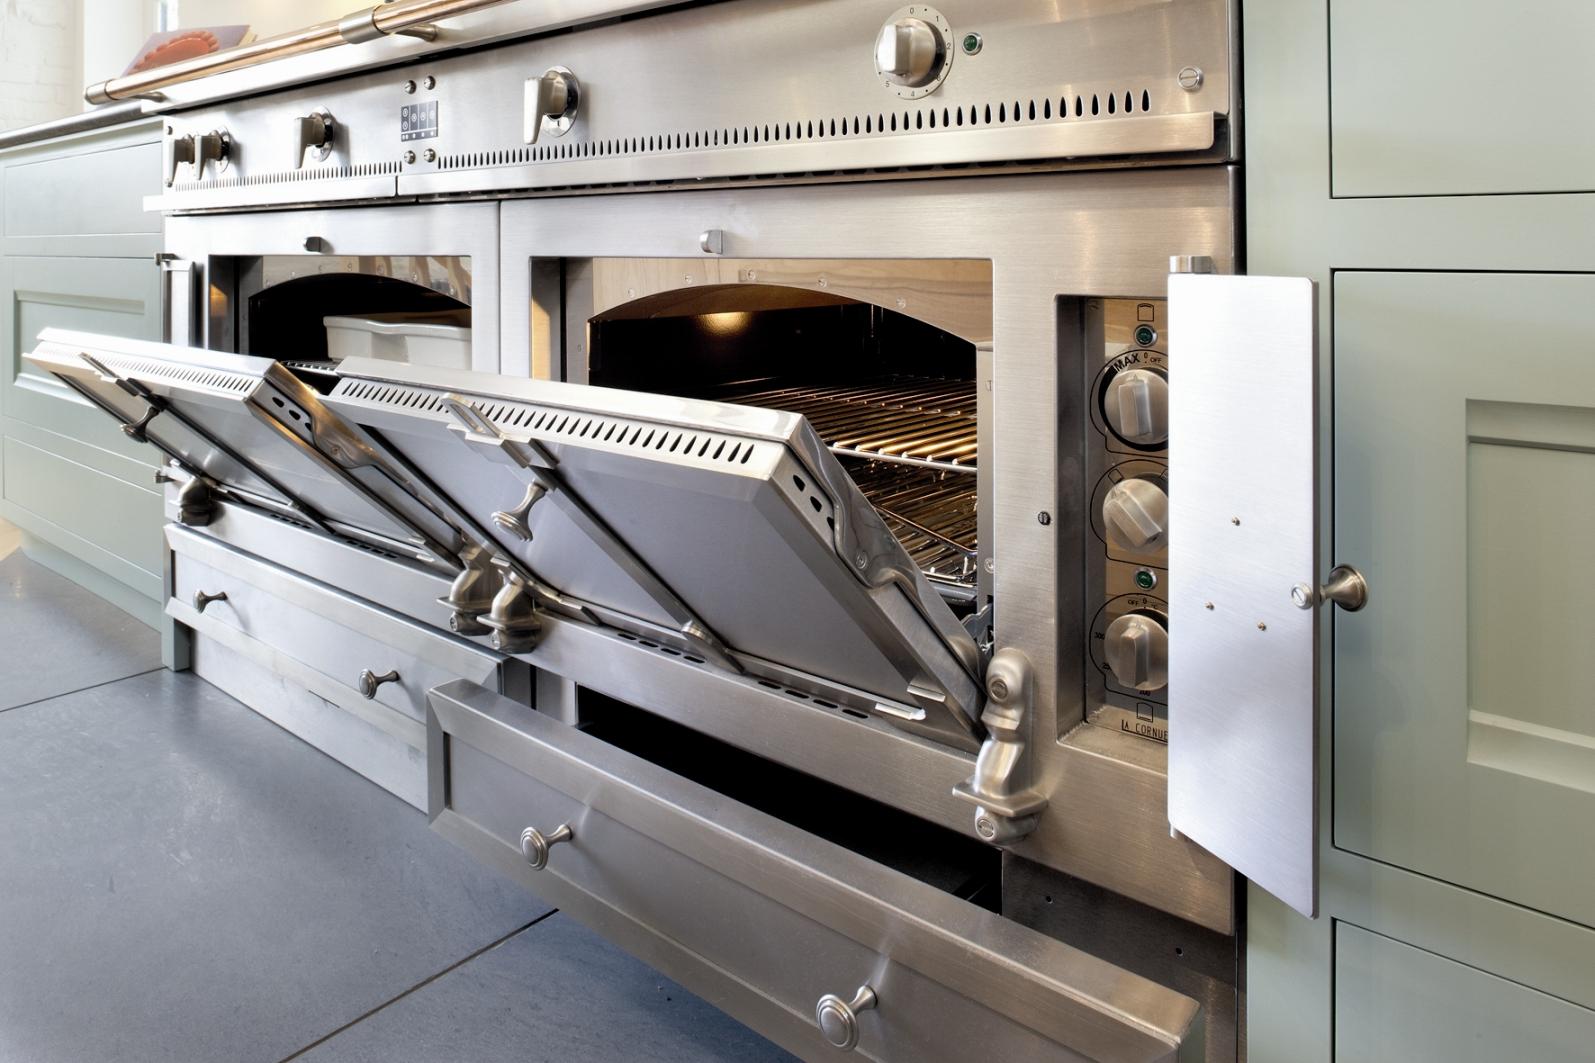 la cornue vaulted oven.jpg